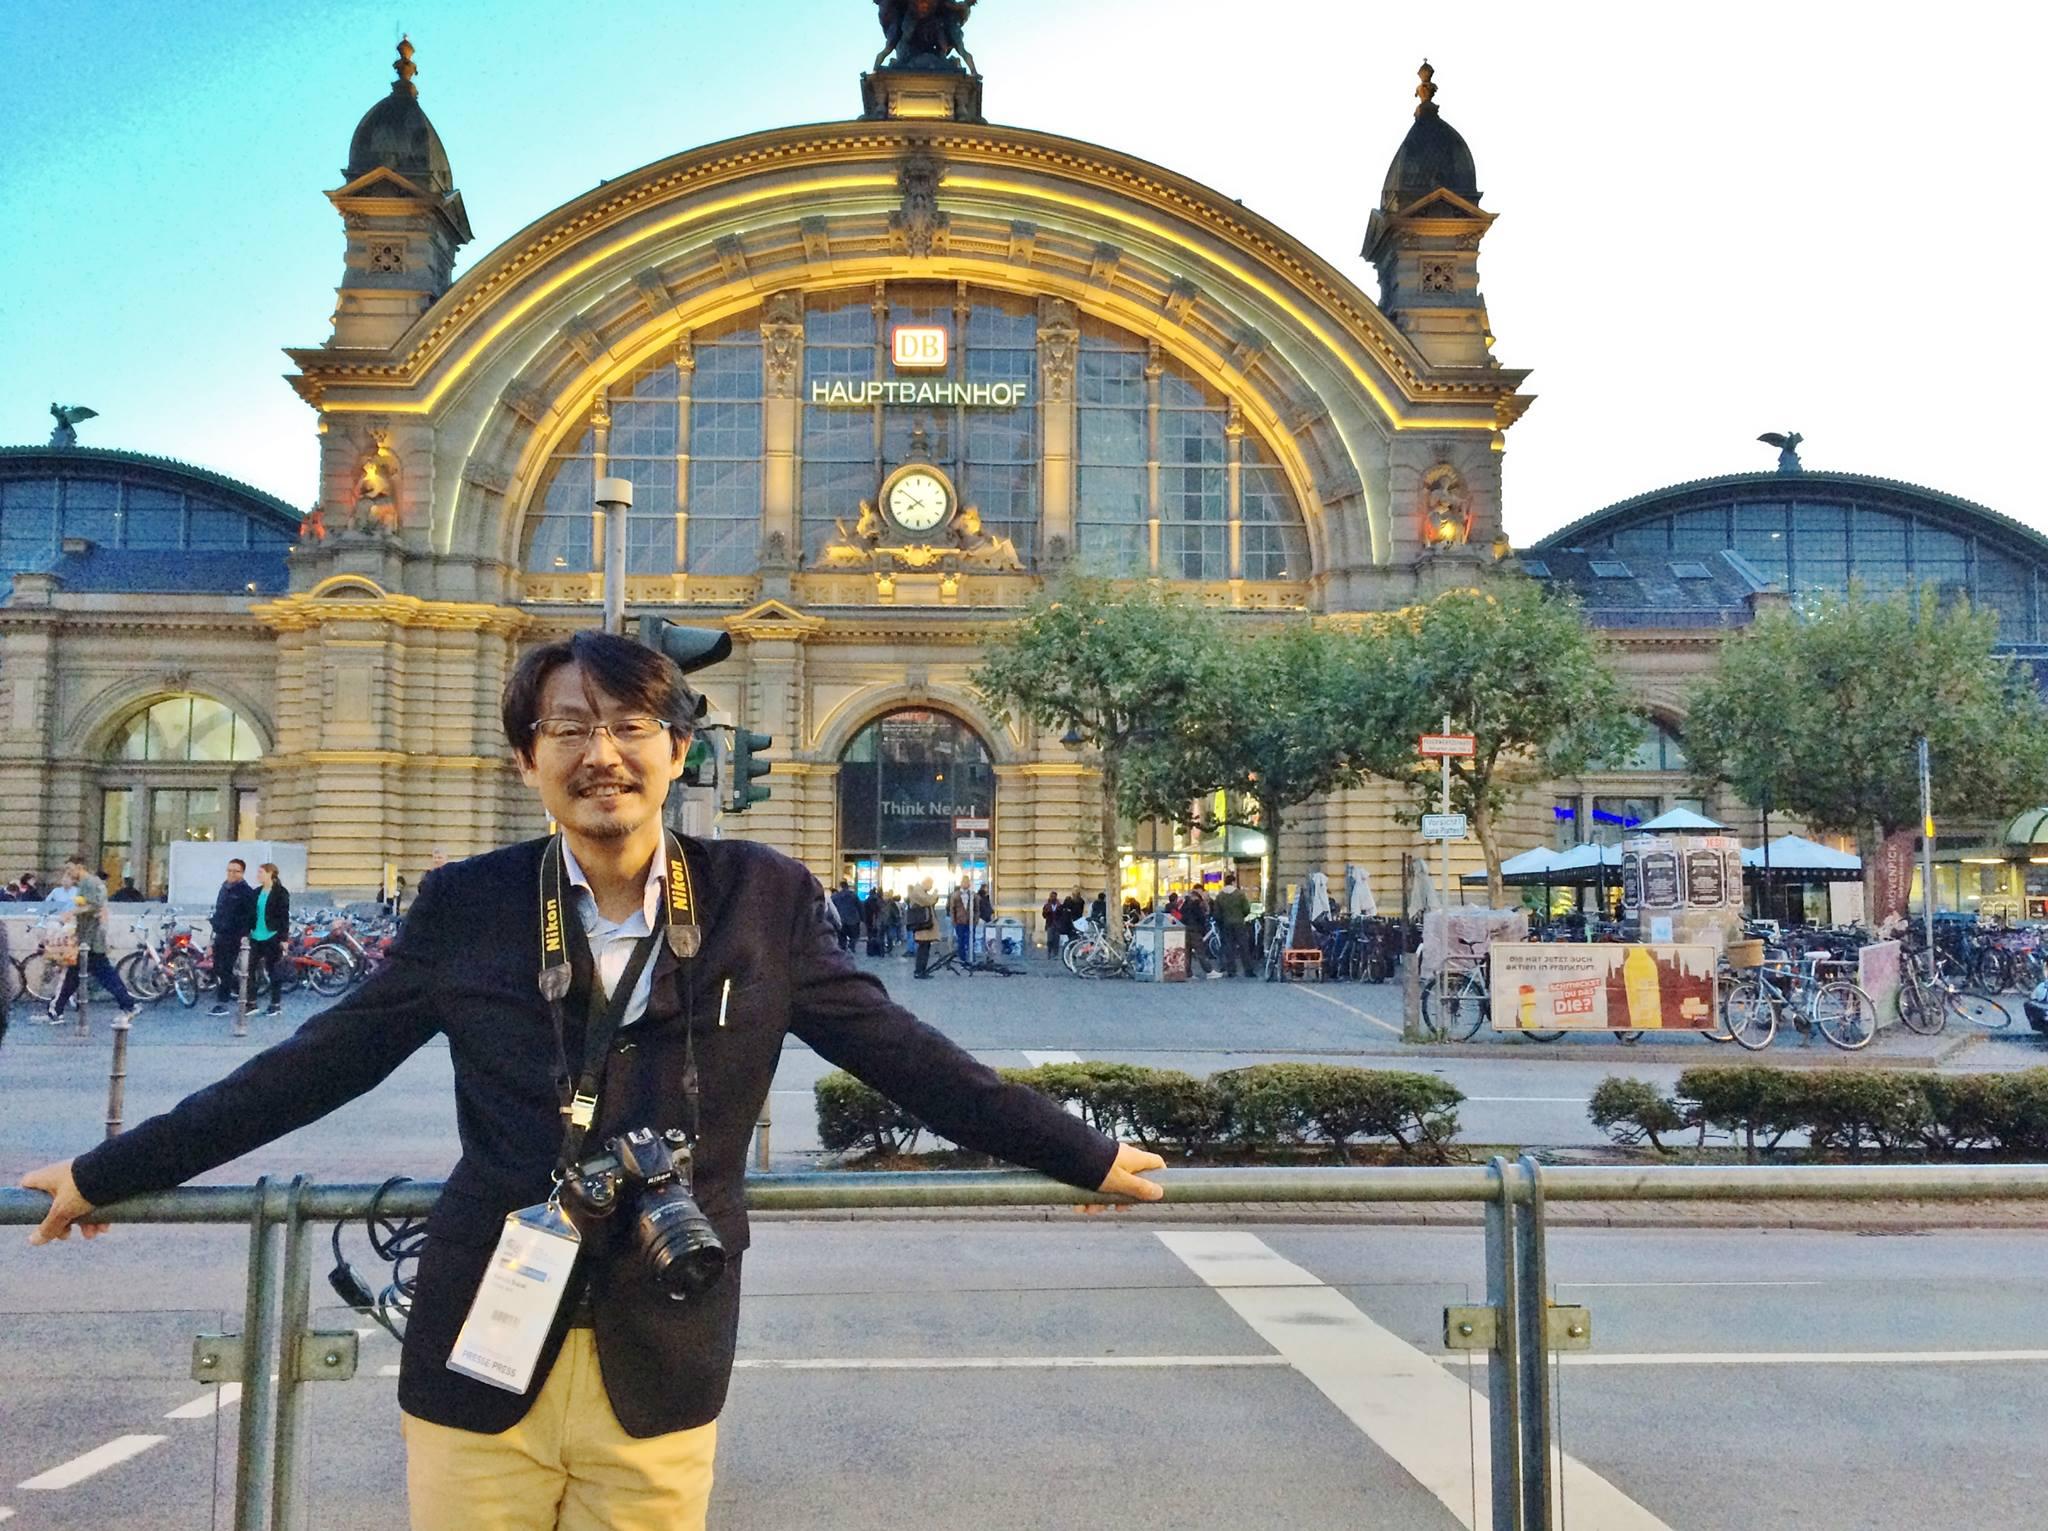 フランクフルトモーターショーを取材するため、ドイツに滞在した鈴木さん